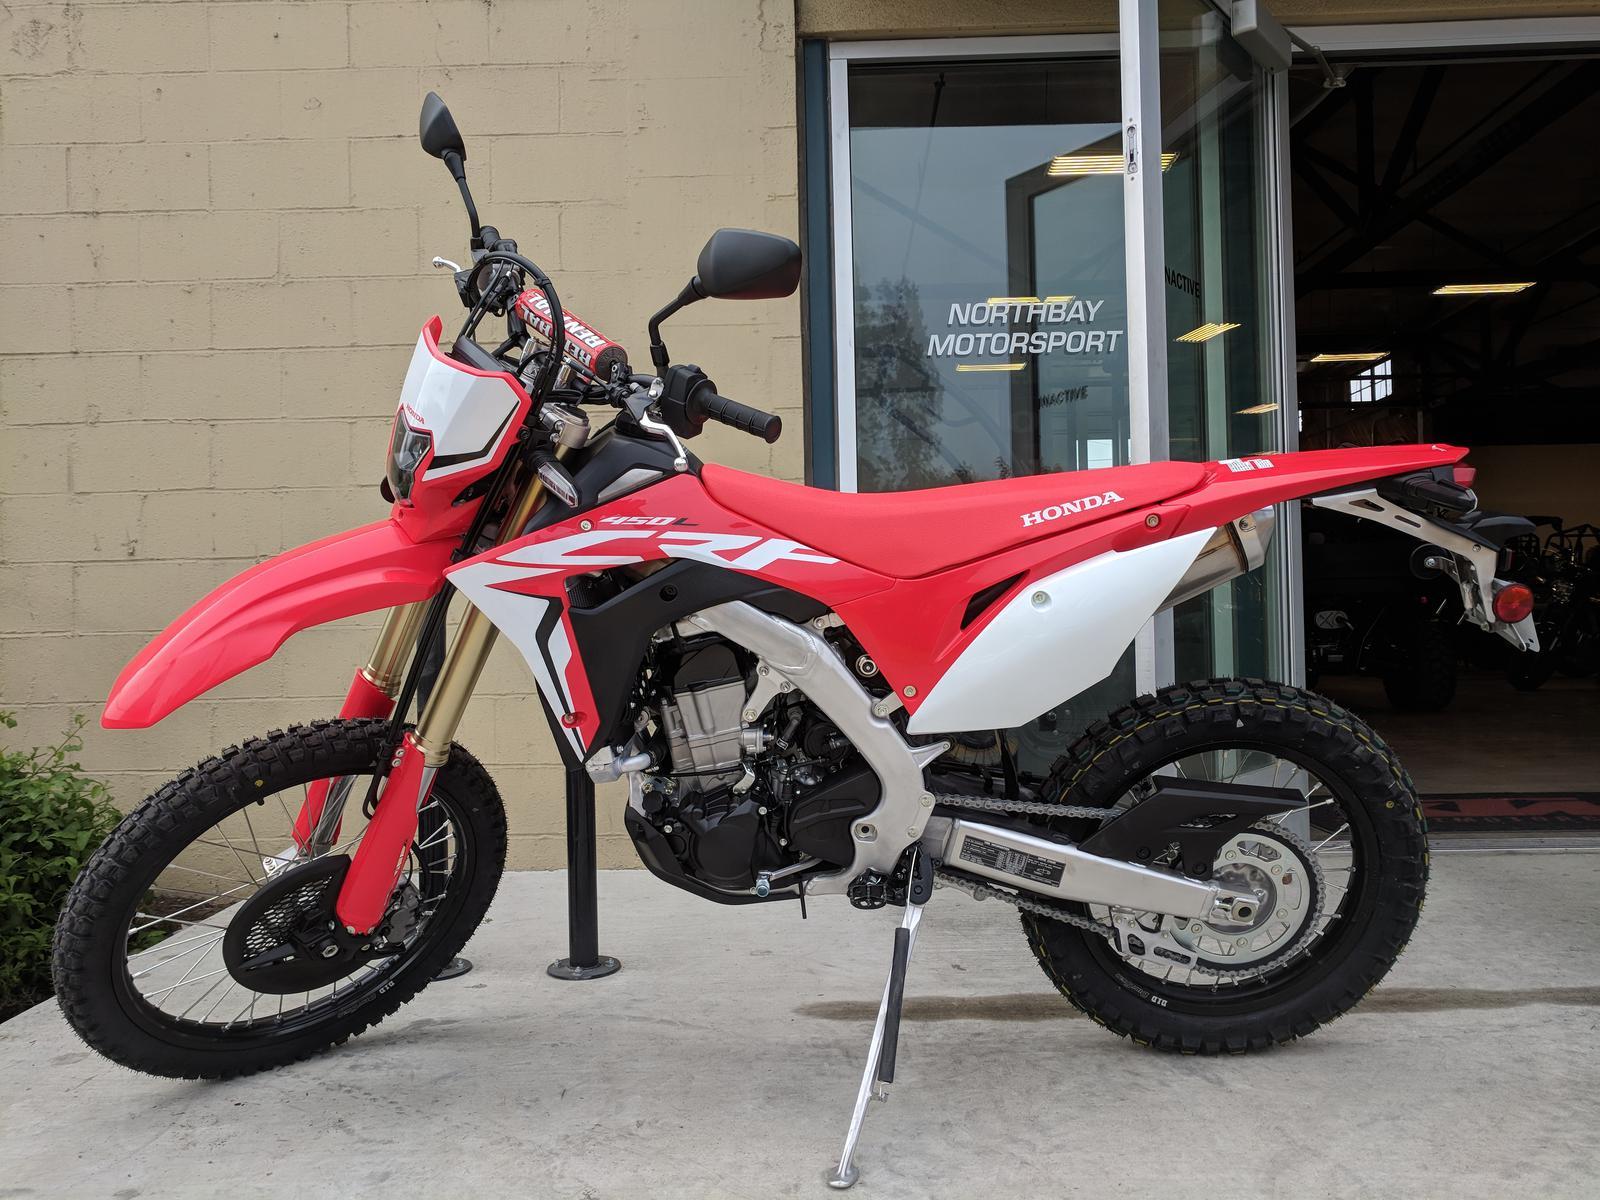 635cd6563b 2019 Honda CRF450LK for sale in Santa Rosa